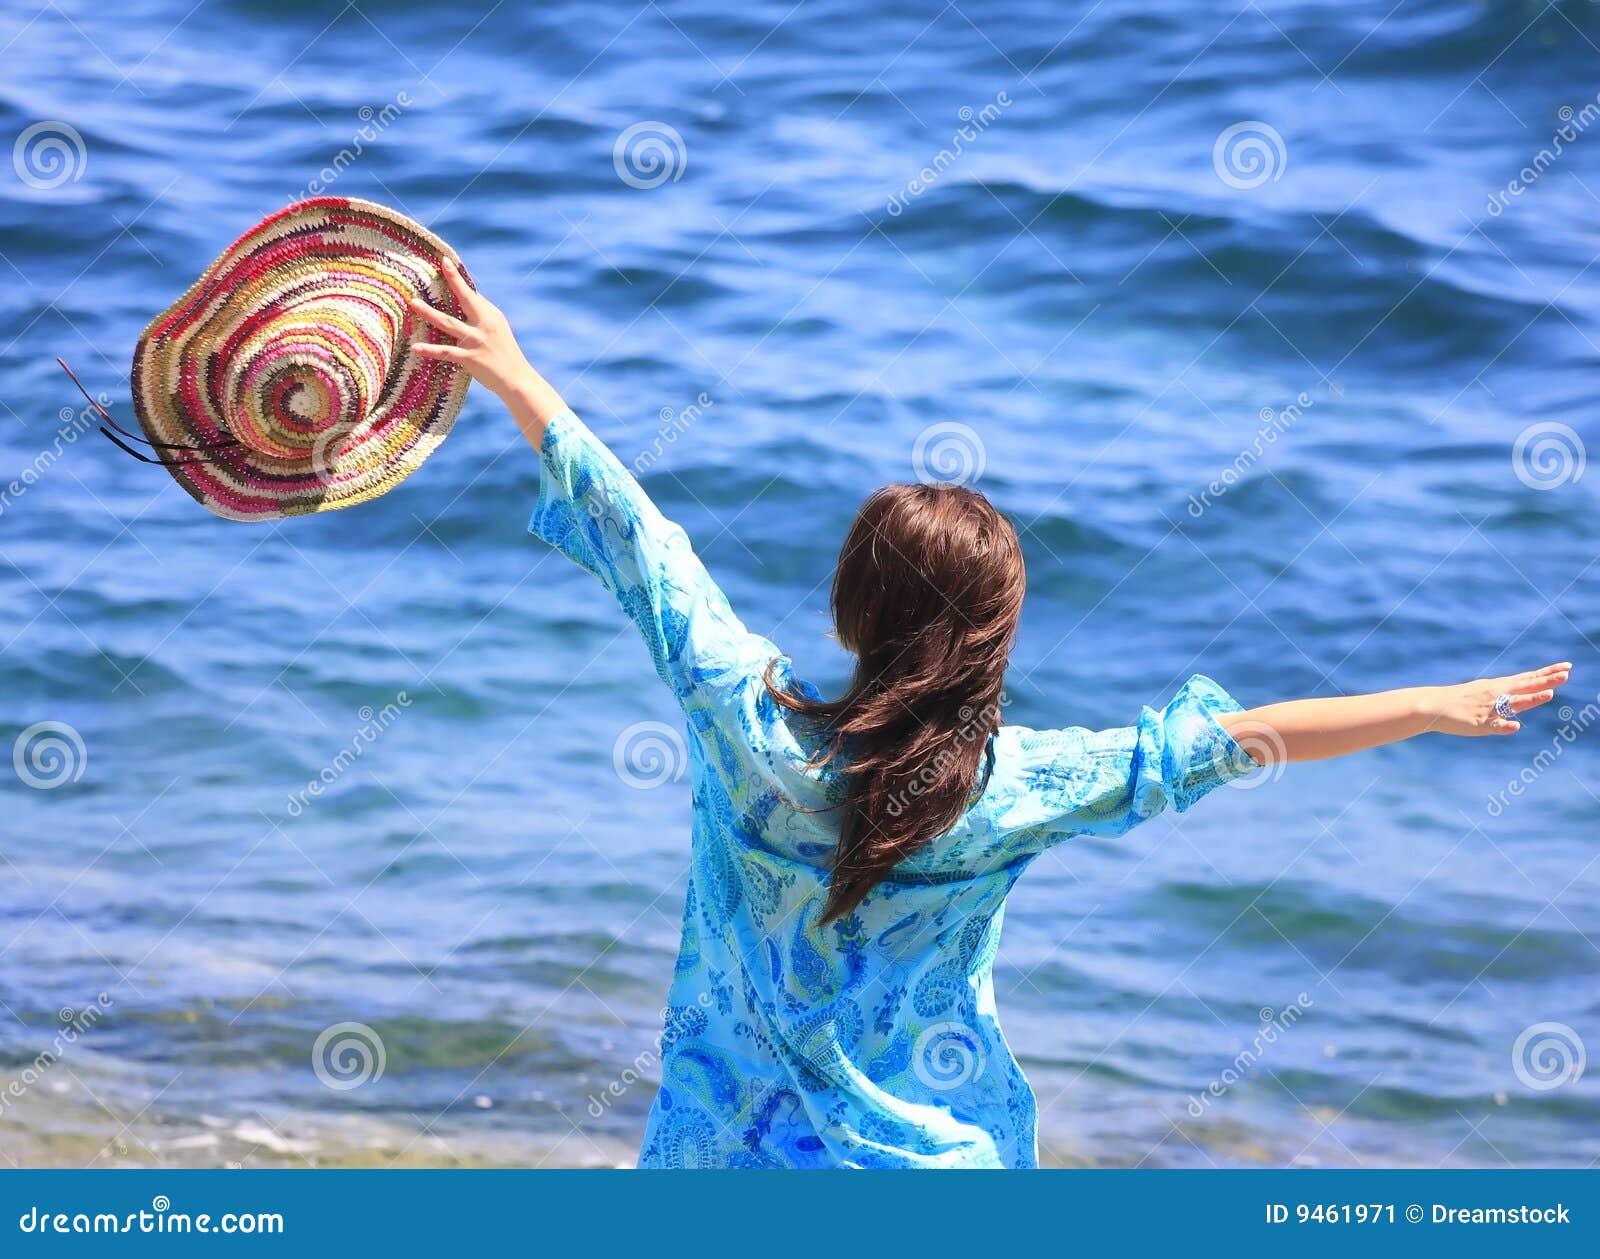 Ragazza su una spiaggia immagine stock immagine di oceano - Colorazione immagine di una ragazza ...